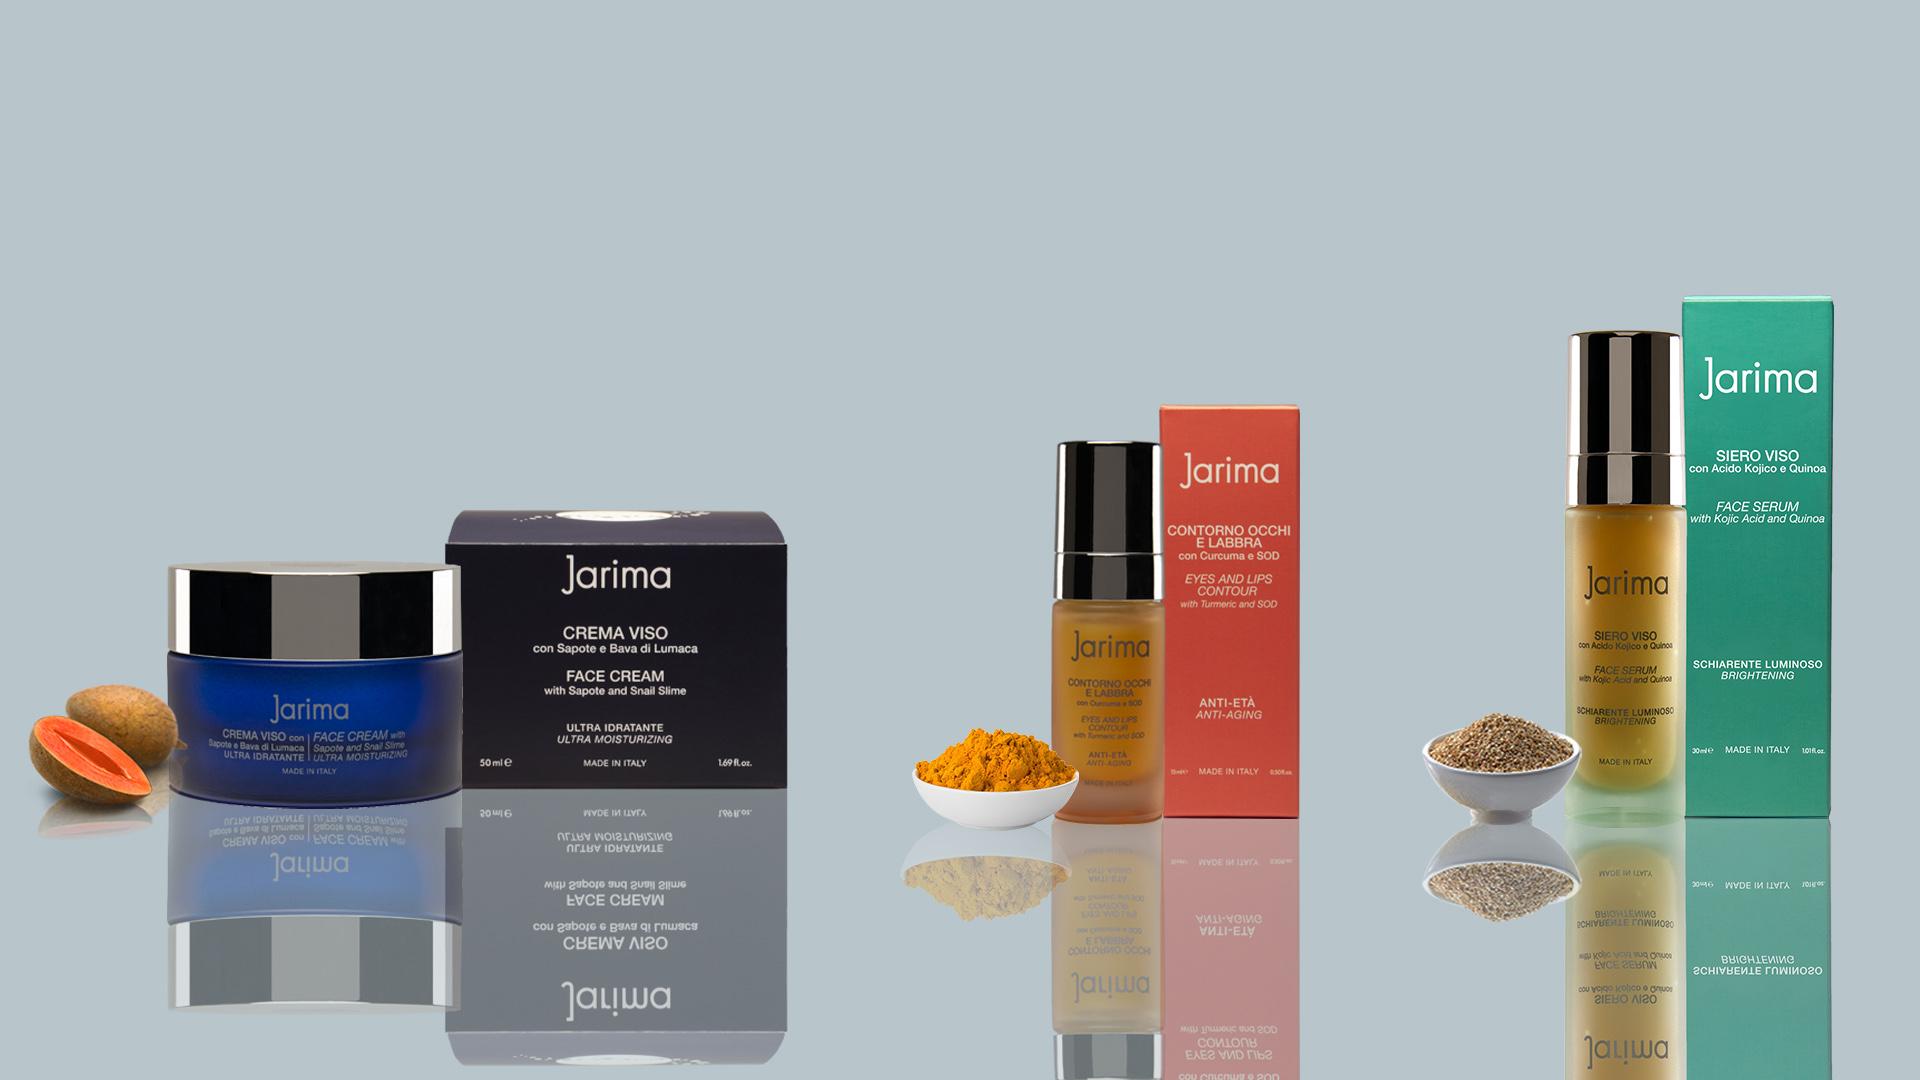 packaging-primario-e-secondario-jarima-portfolio-elevendots